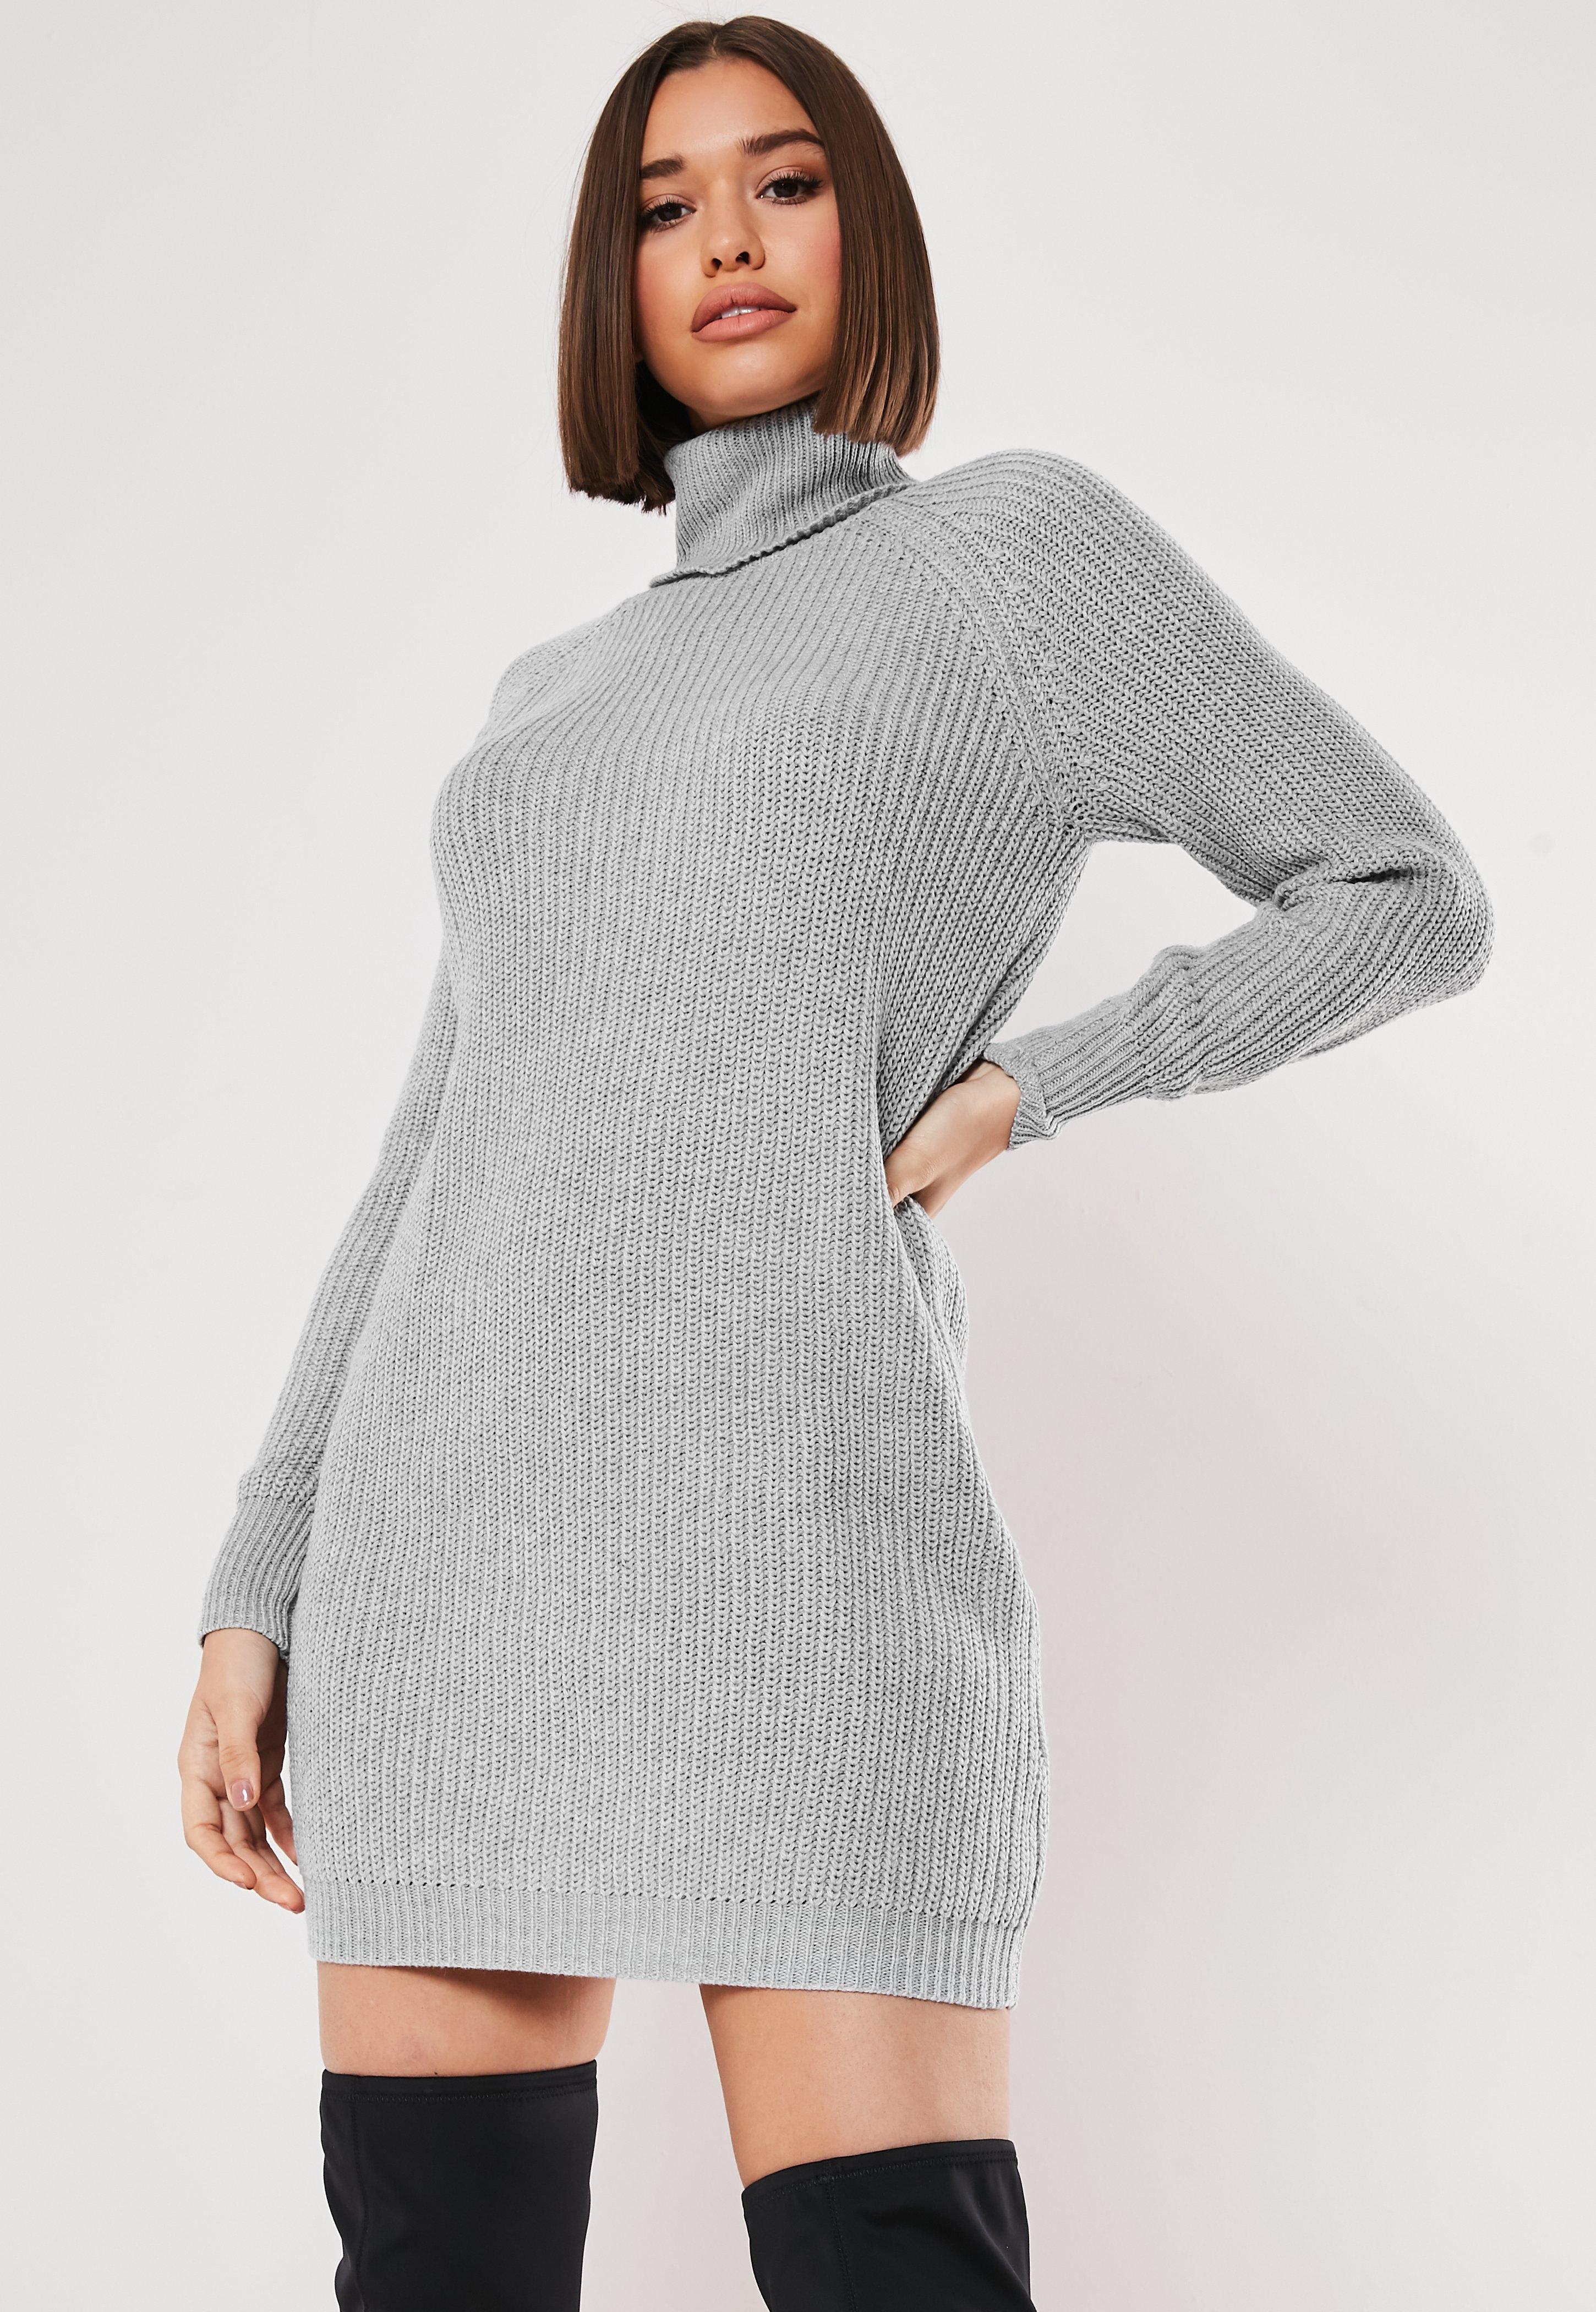 4e21fa49647e Sweater Dresses - Oversized Knitted Dresses